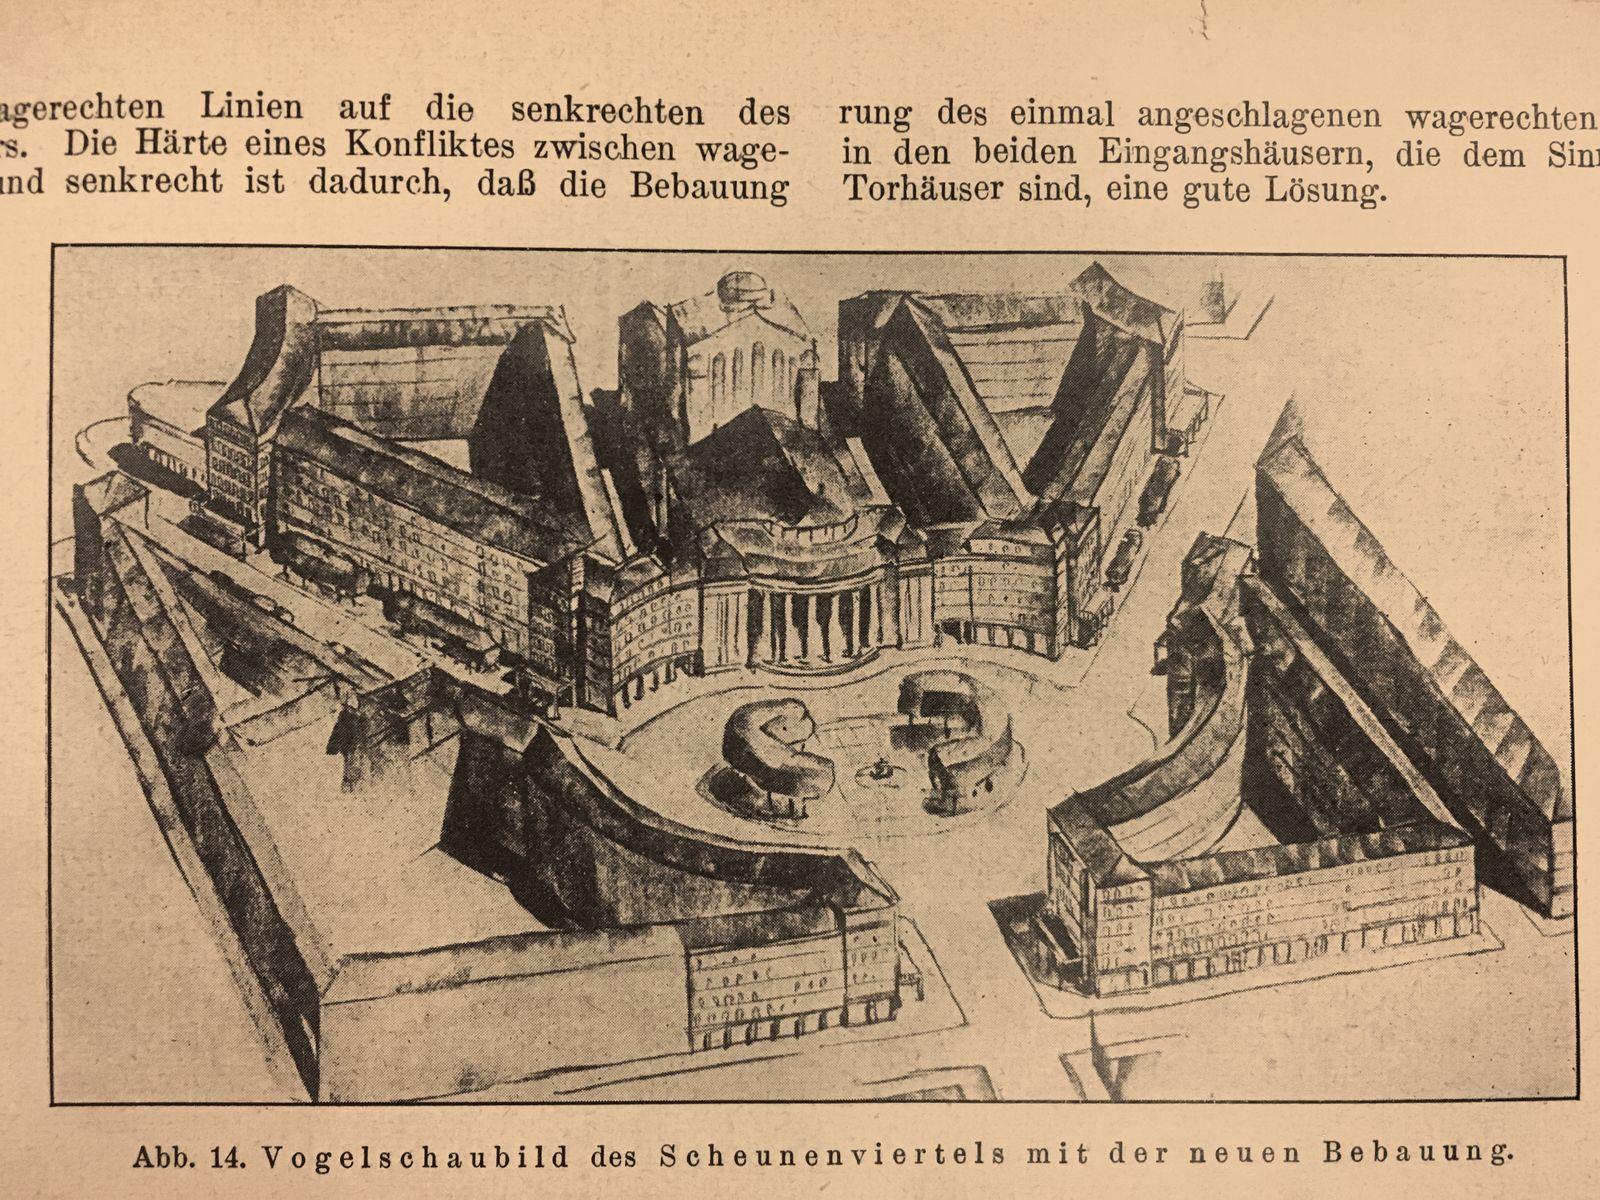 Buch/ Rainer Haubrich: Das Scheunenviertel